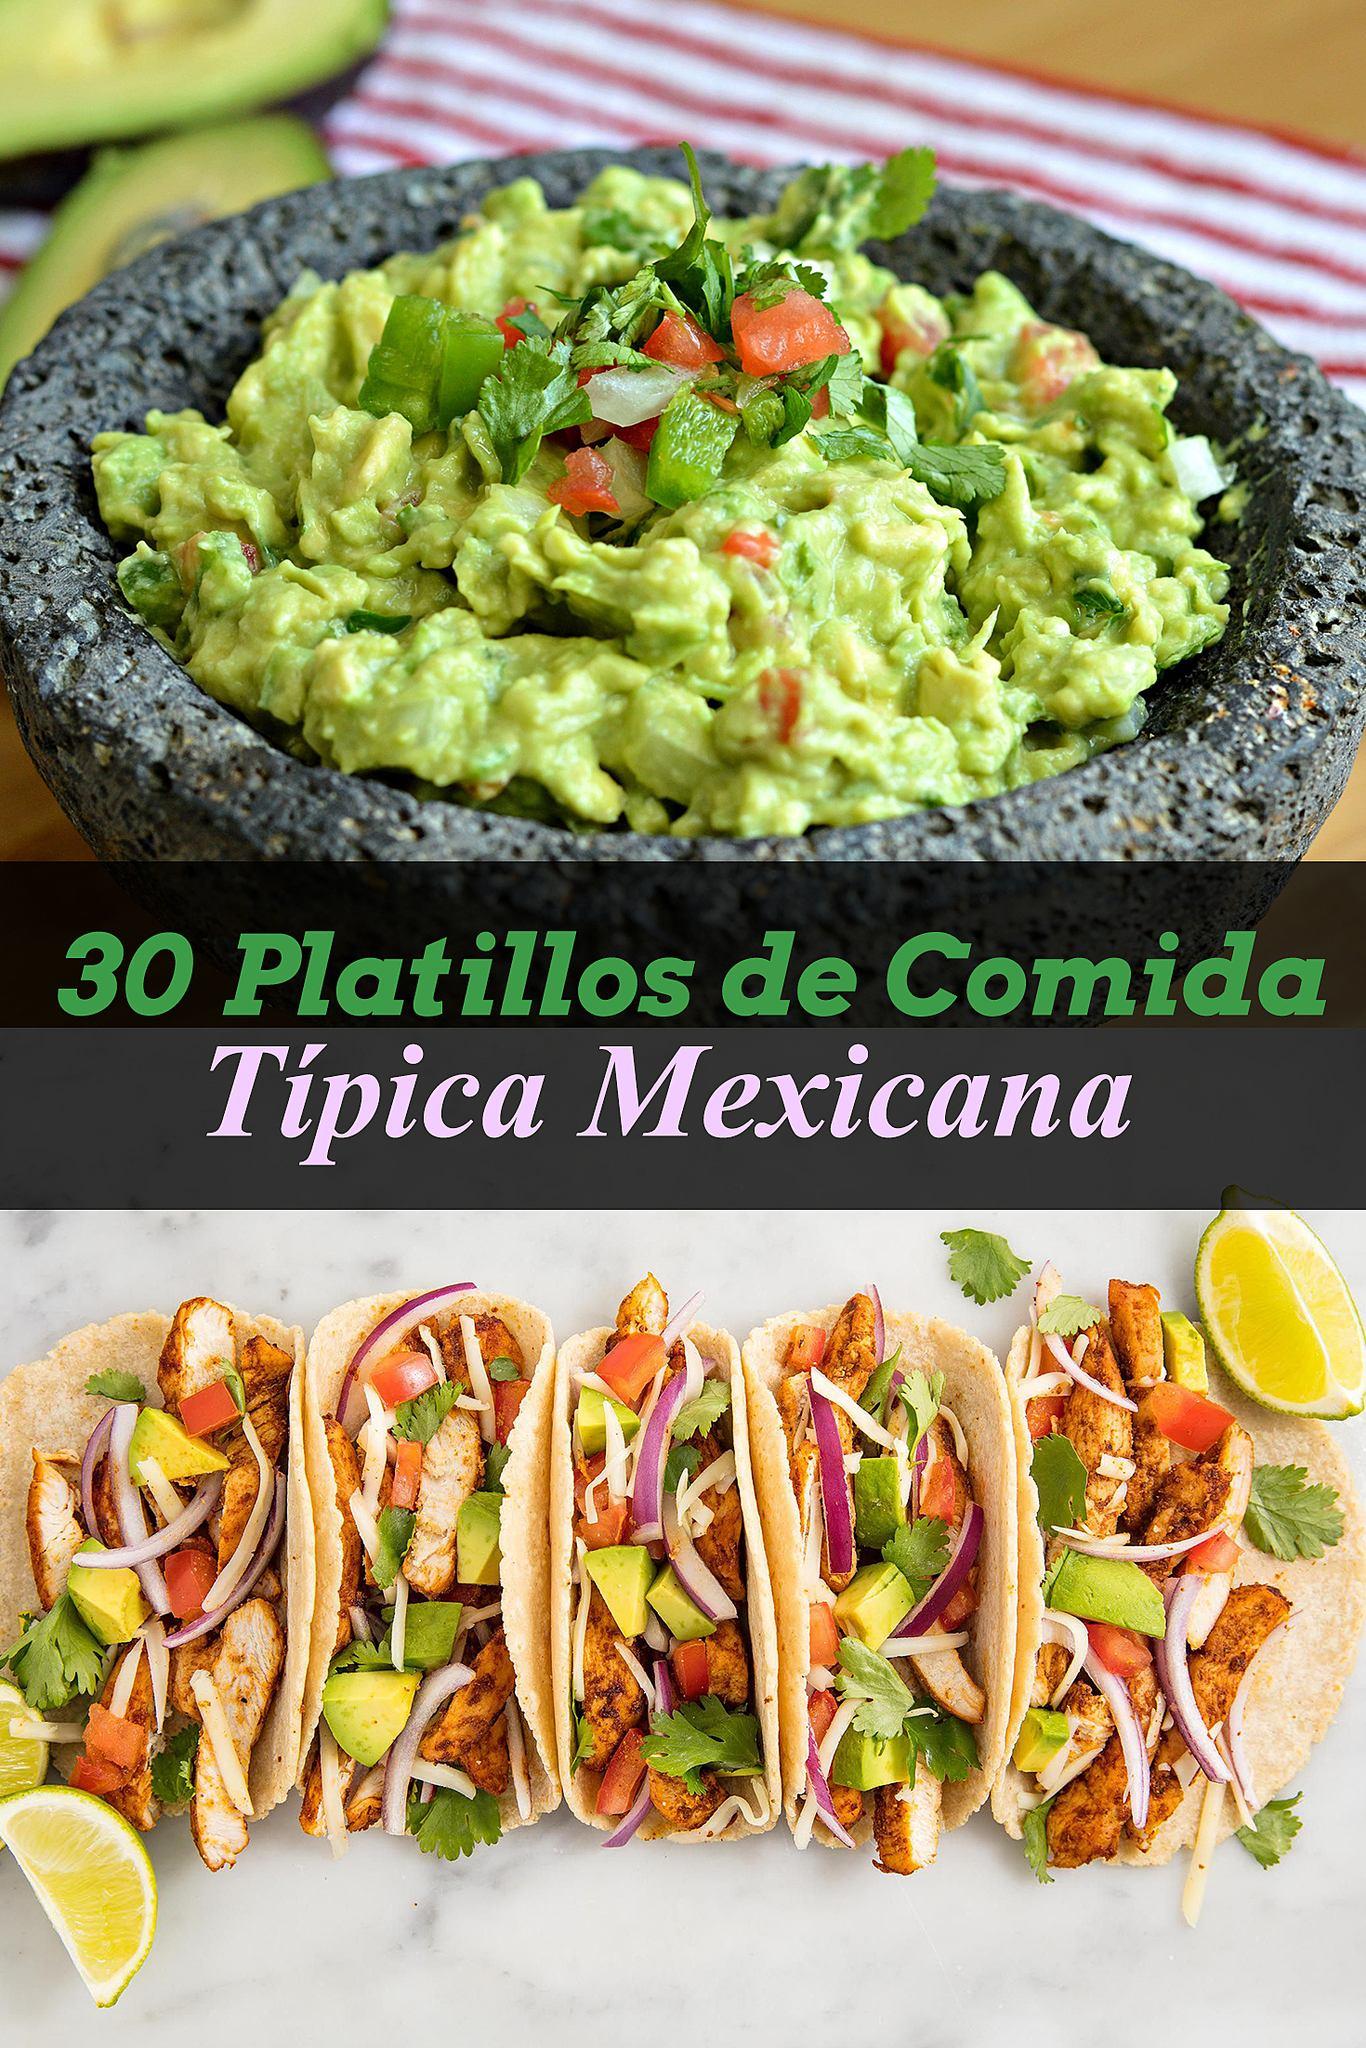 Los 30 platillos de comida típica mexicana más deliciosos